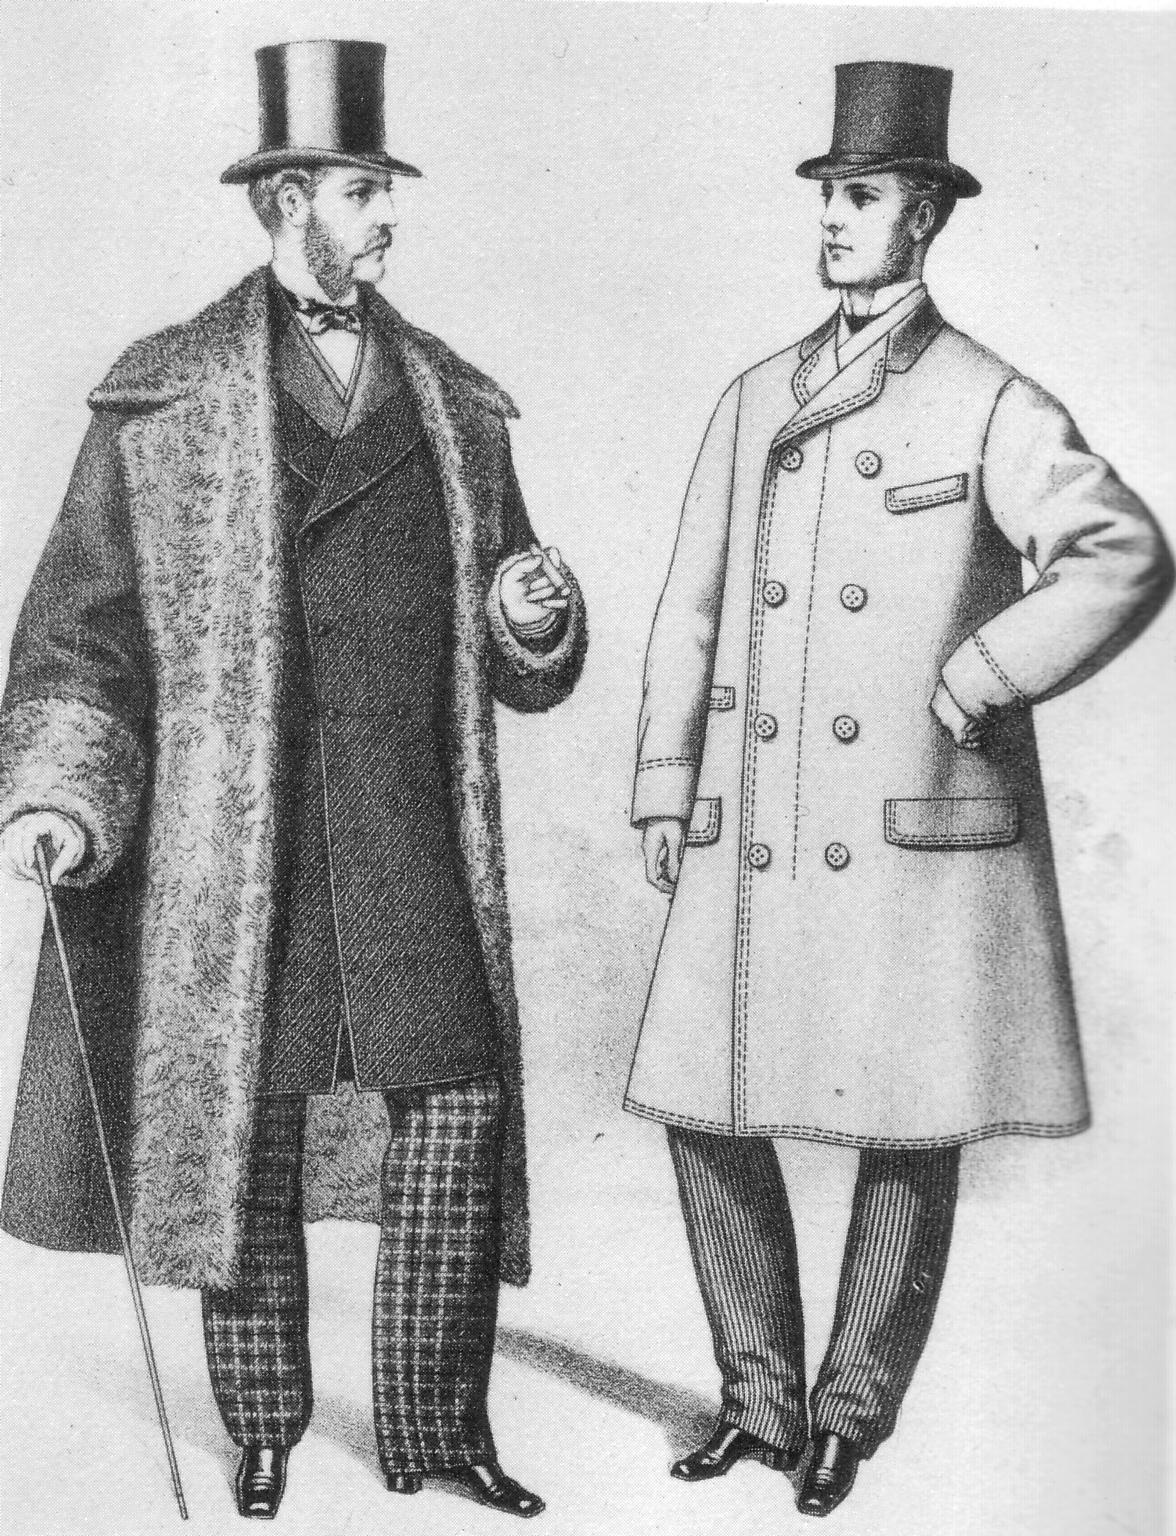 Victorian men in top hats and coats